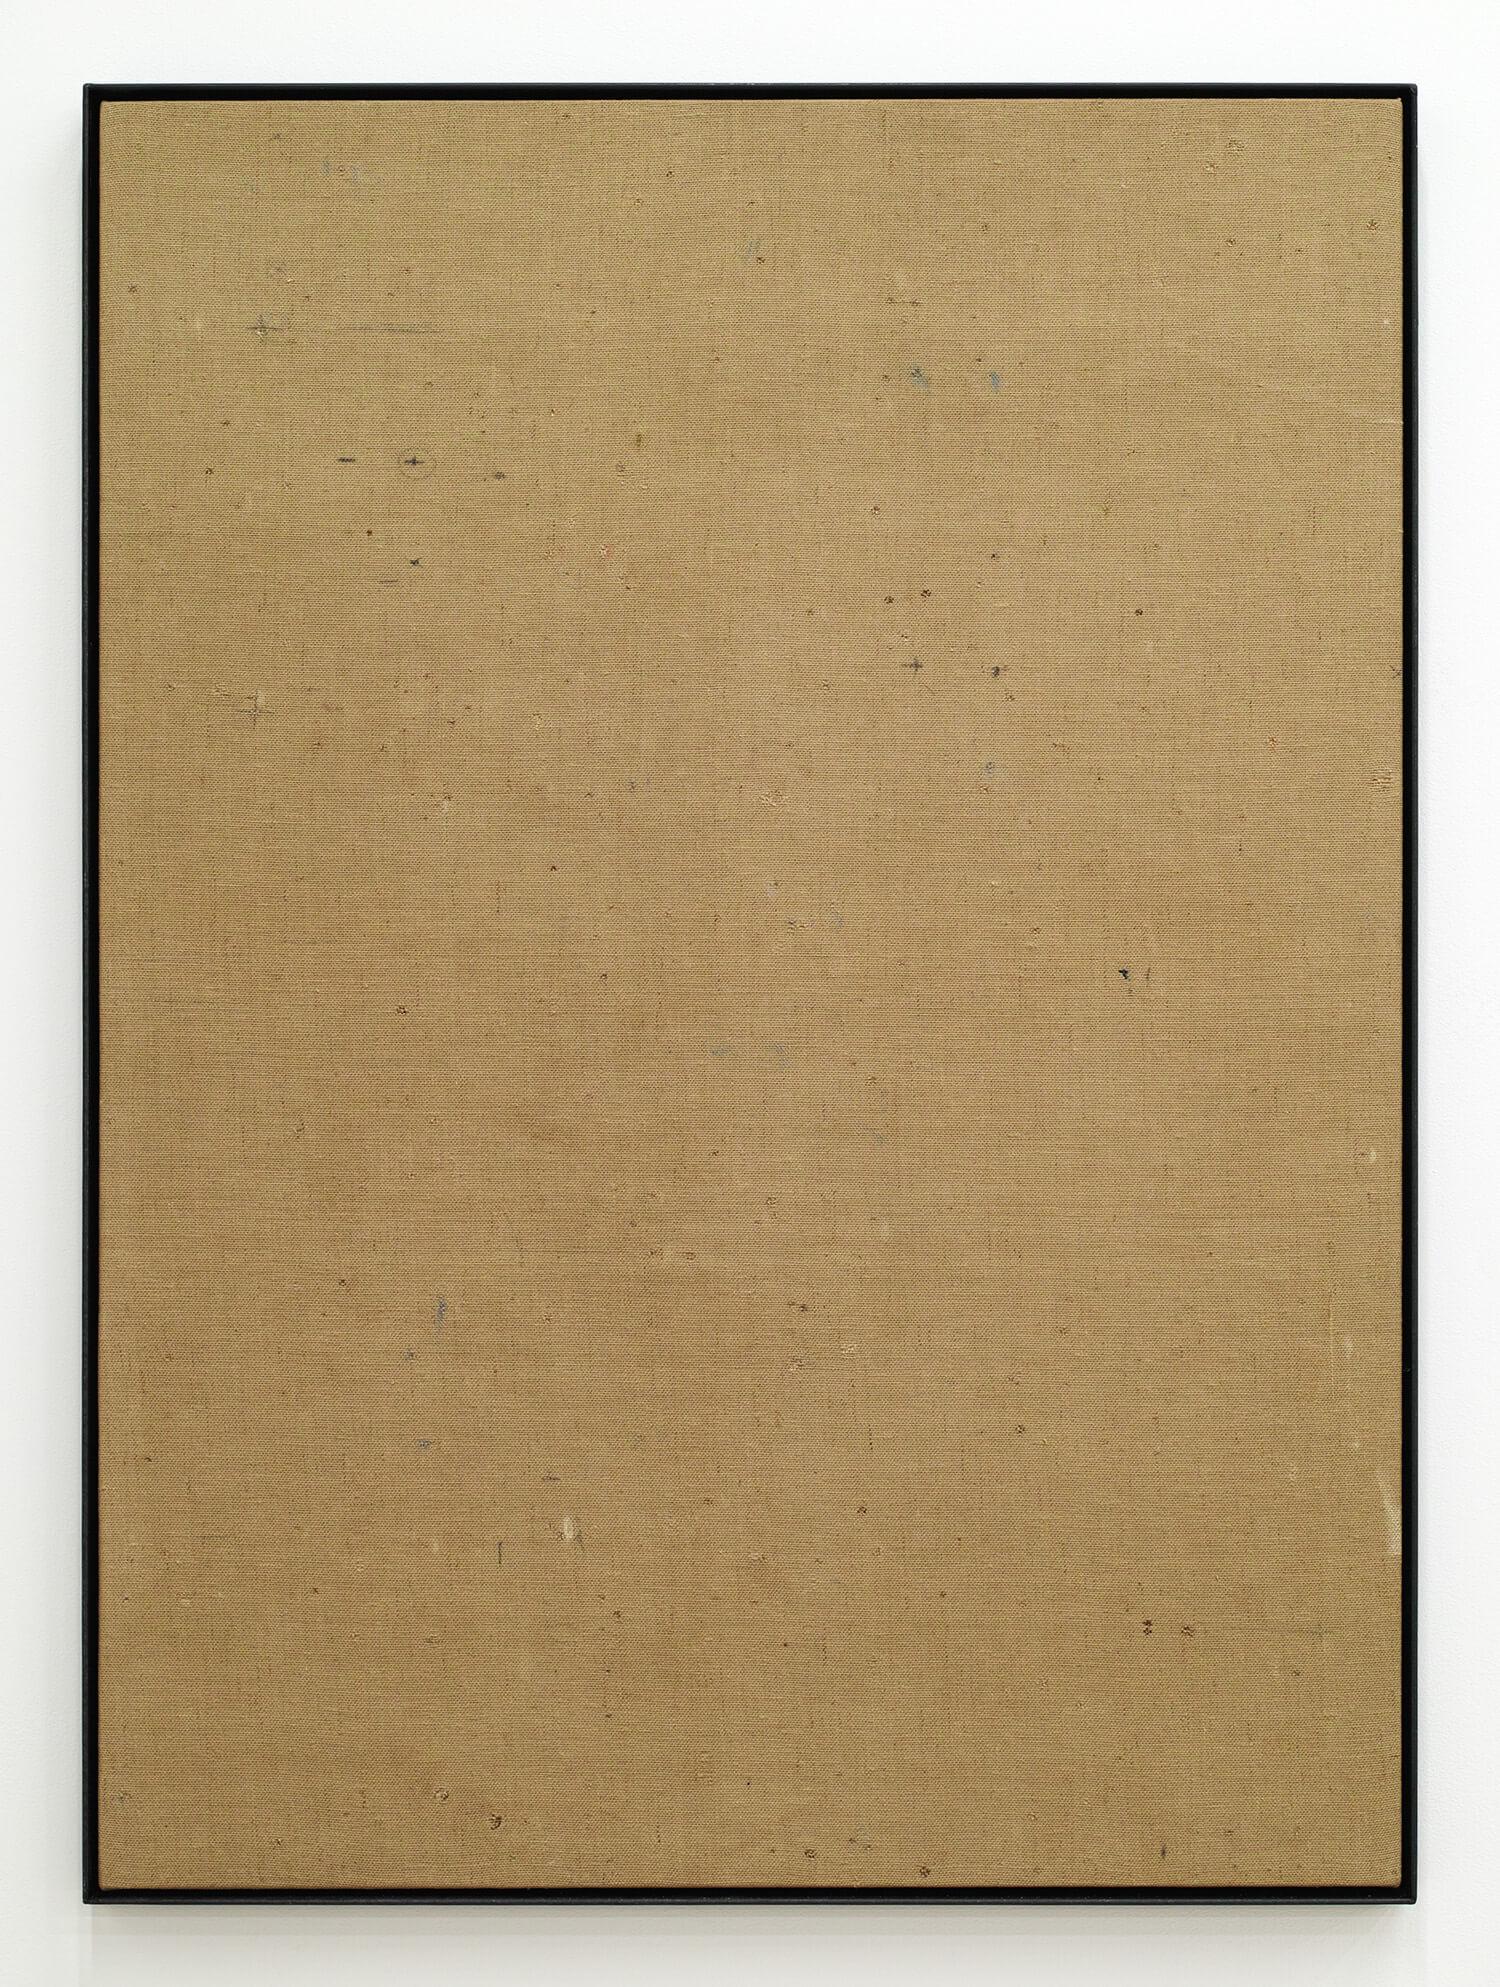 裸眼見麻布(京都市美術館壁布)|鉛筆、チョーク他|745 x 545 mm|2015